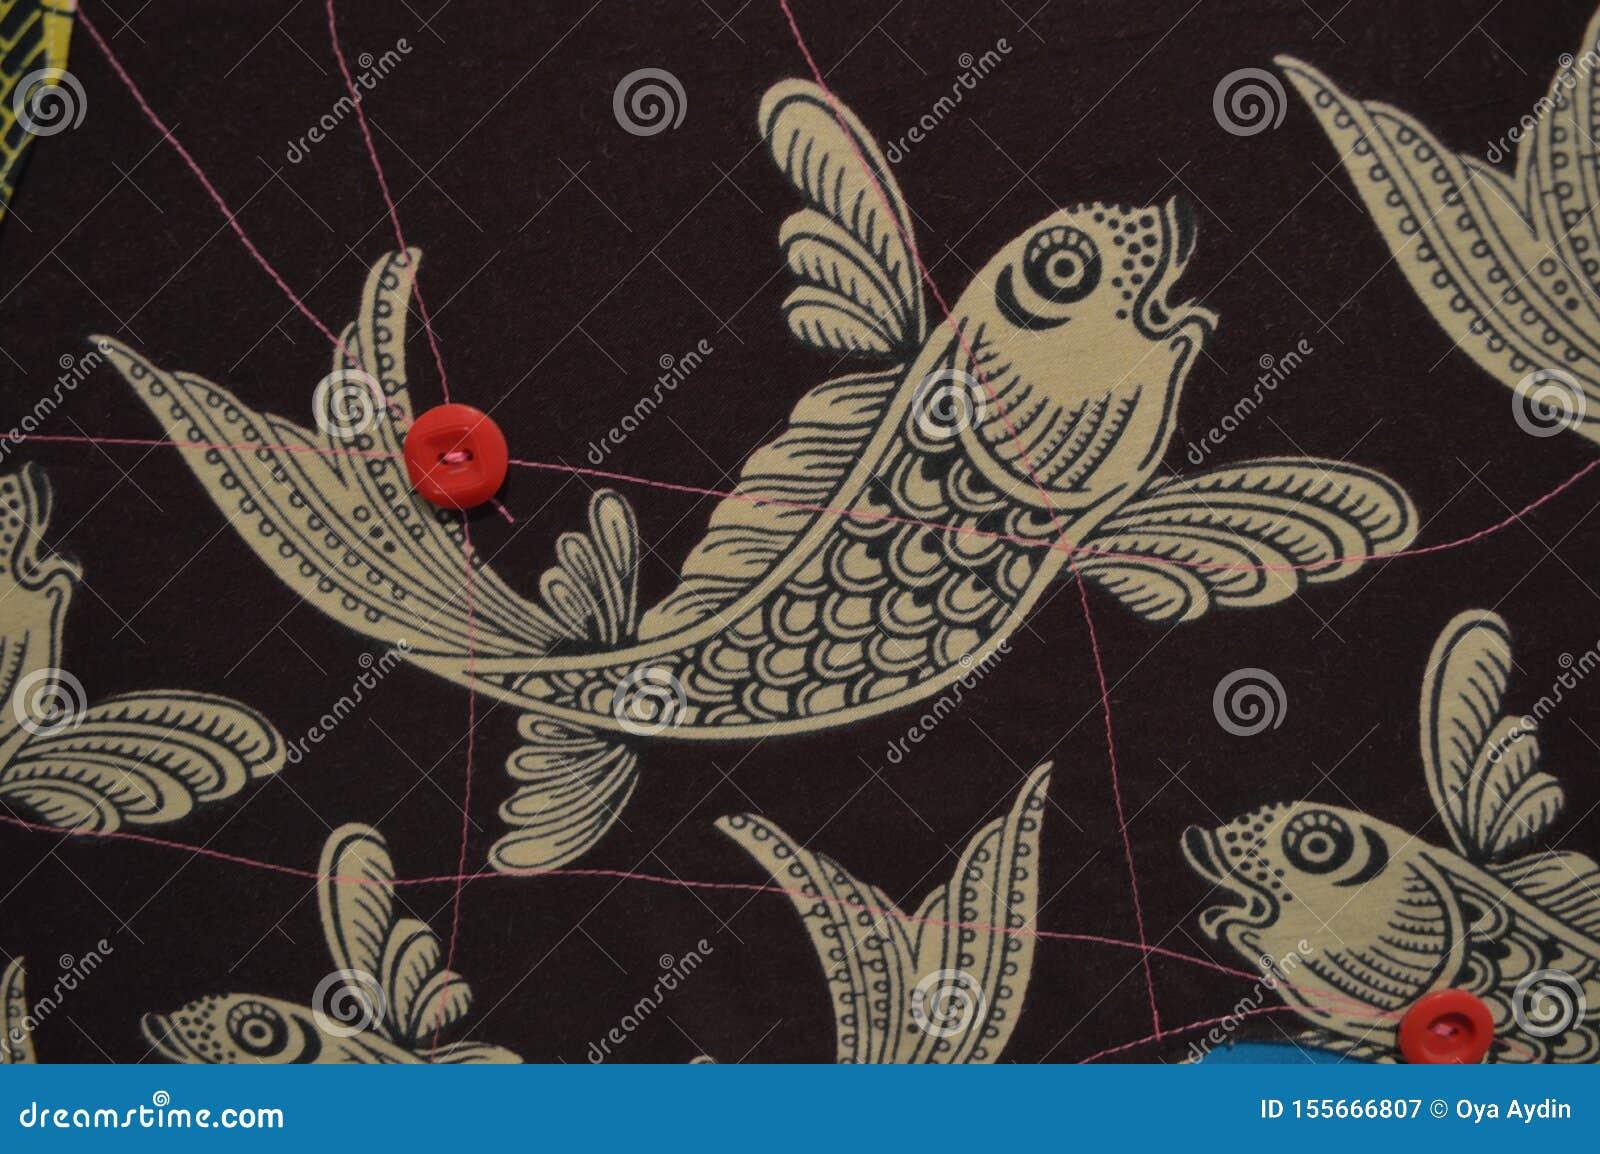 风格化鱼形象